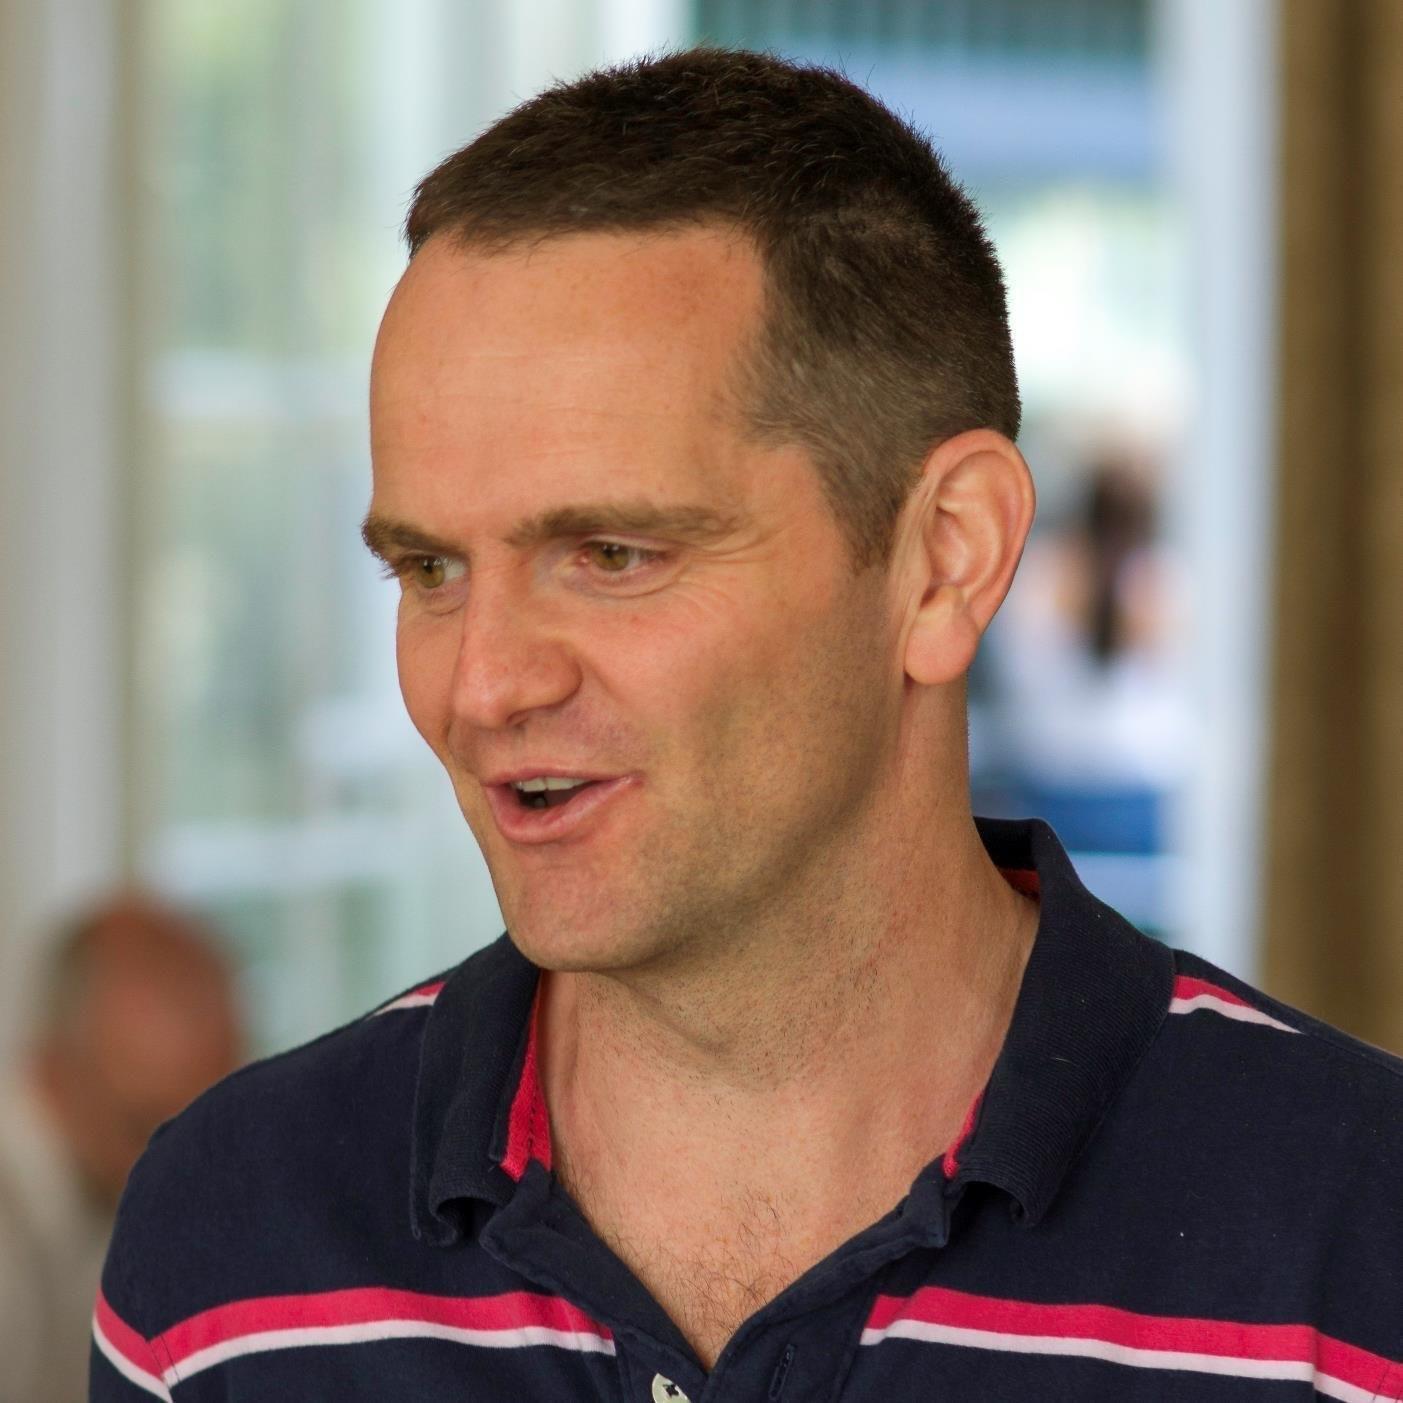 Simon Michael